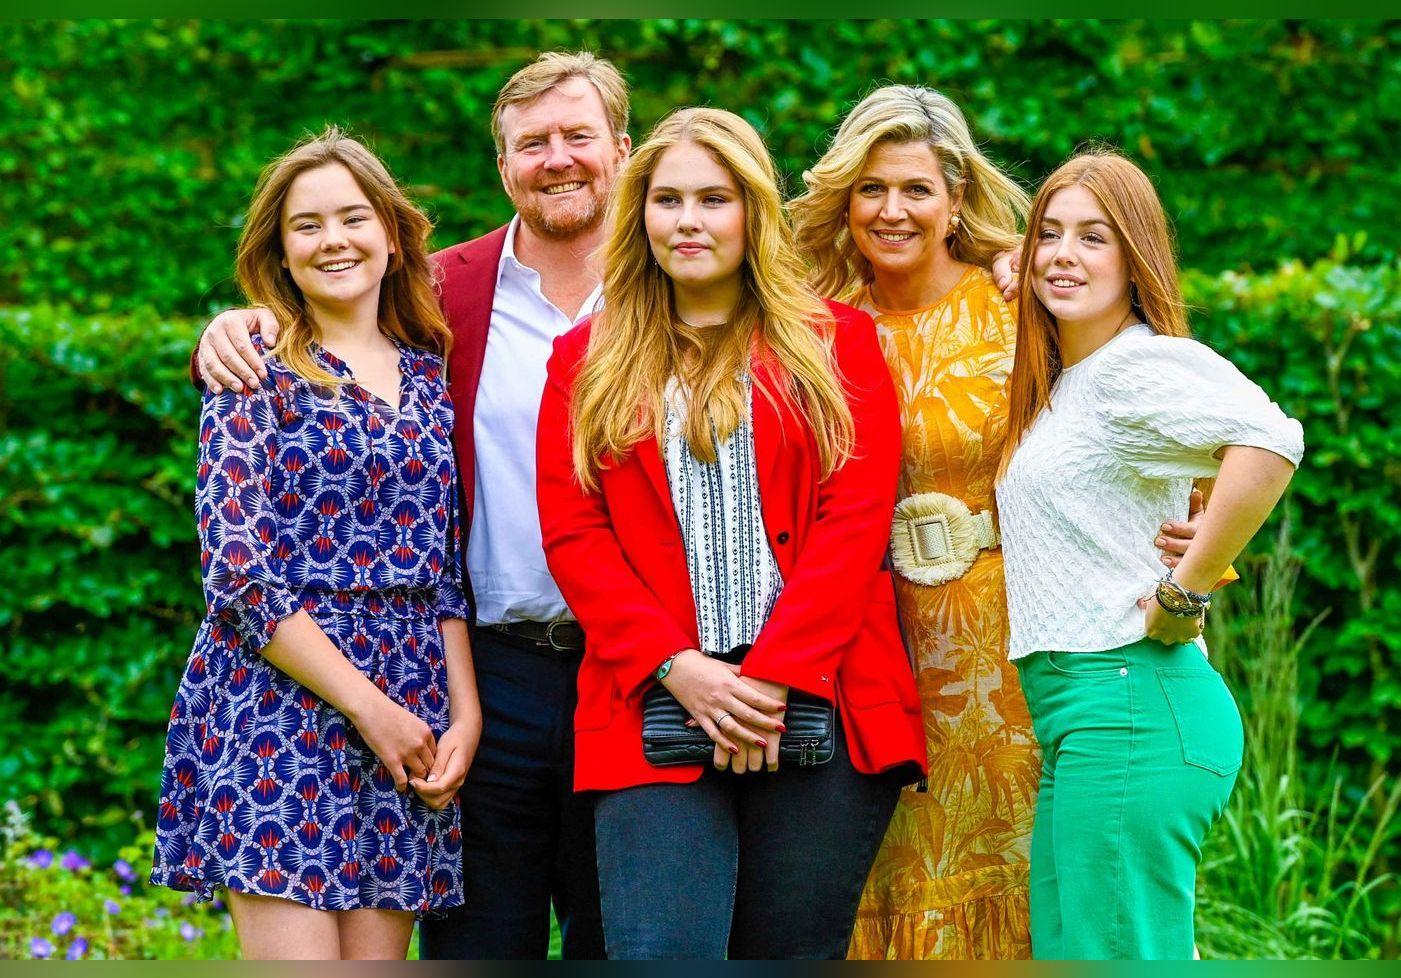 C'est historique : aux Pays-Bas, l'héritière de la Couronne peut désormais épouser une personne de même sexe !